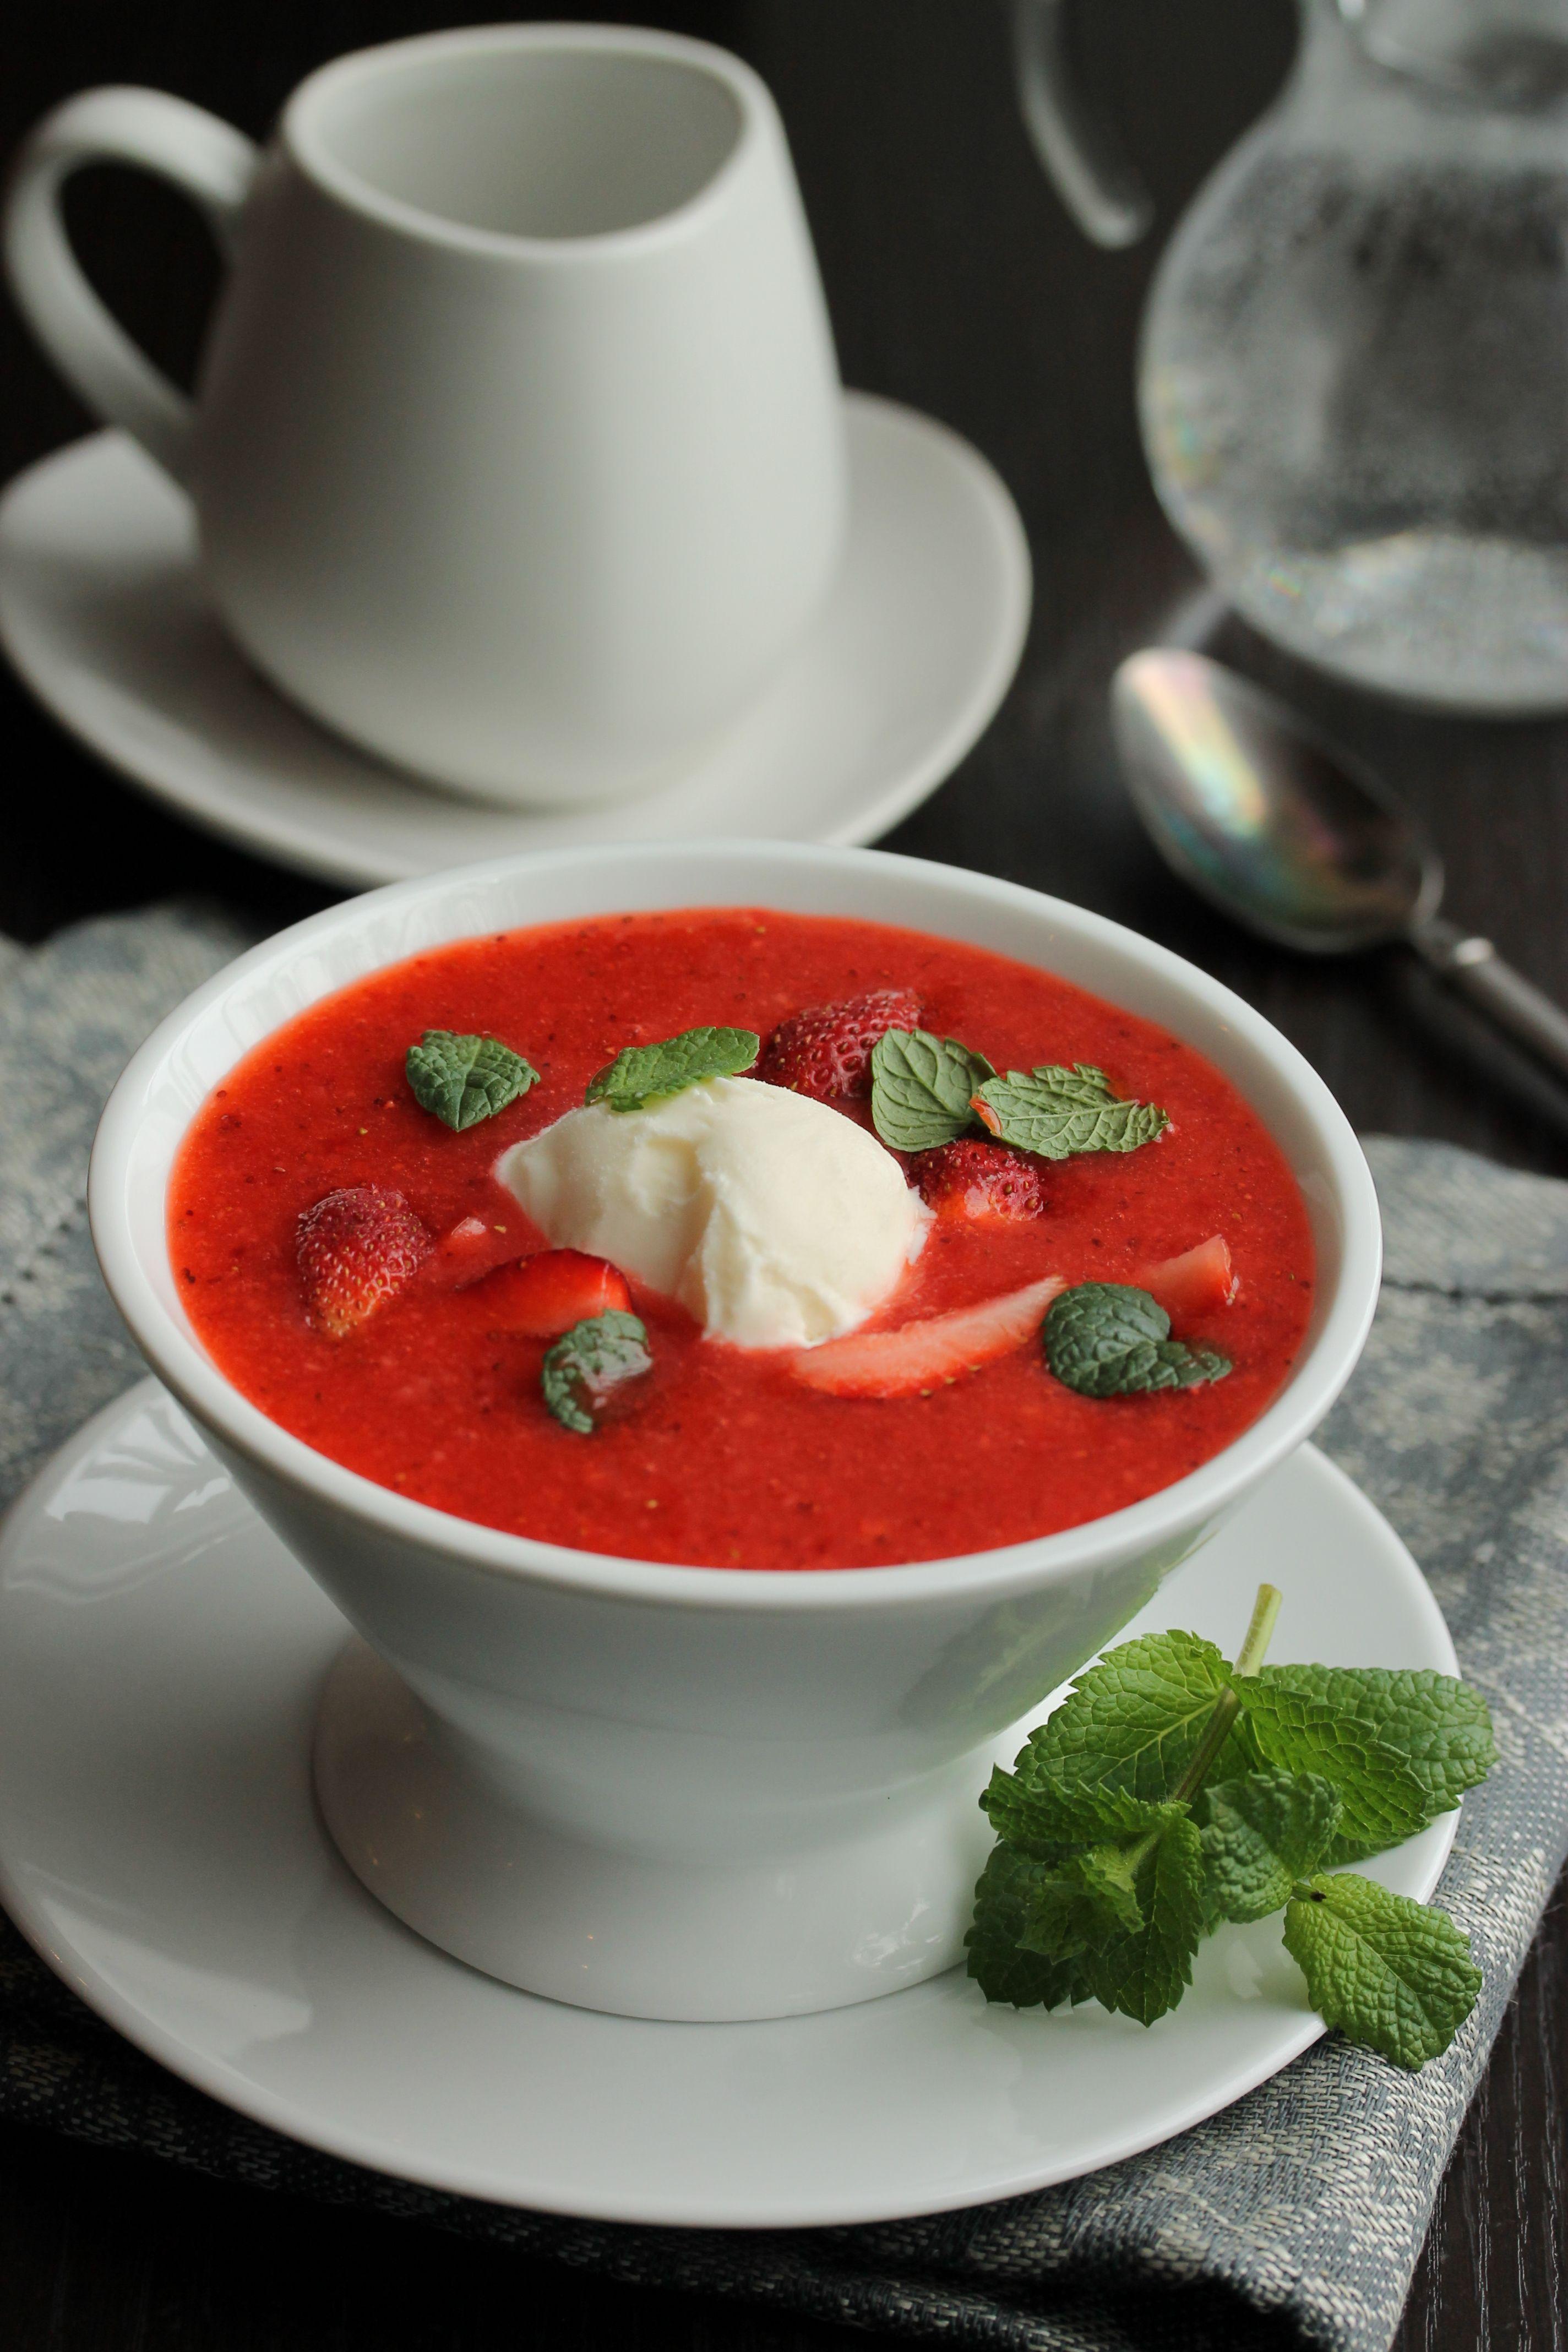 красивая подача супов фото макаренко биография